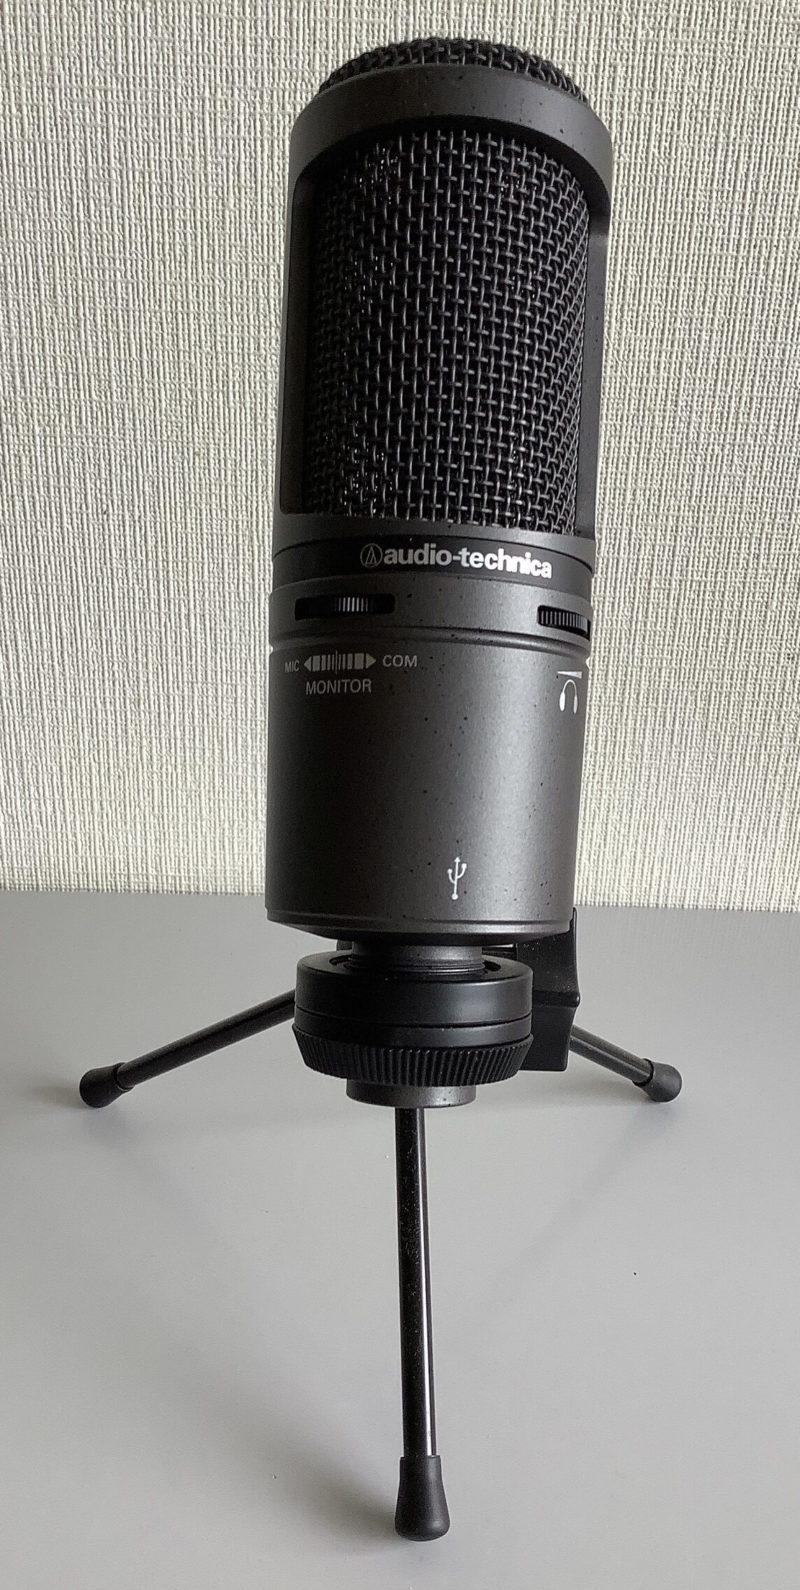 audio-technica AT2020USB+のマイクスタンド付前面写真